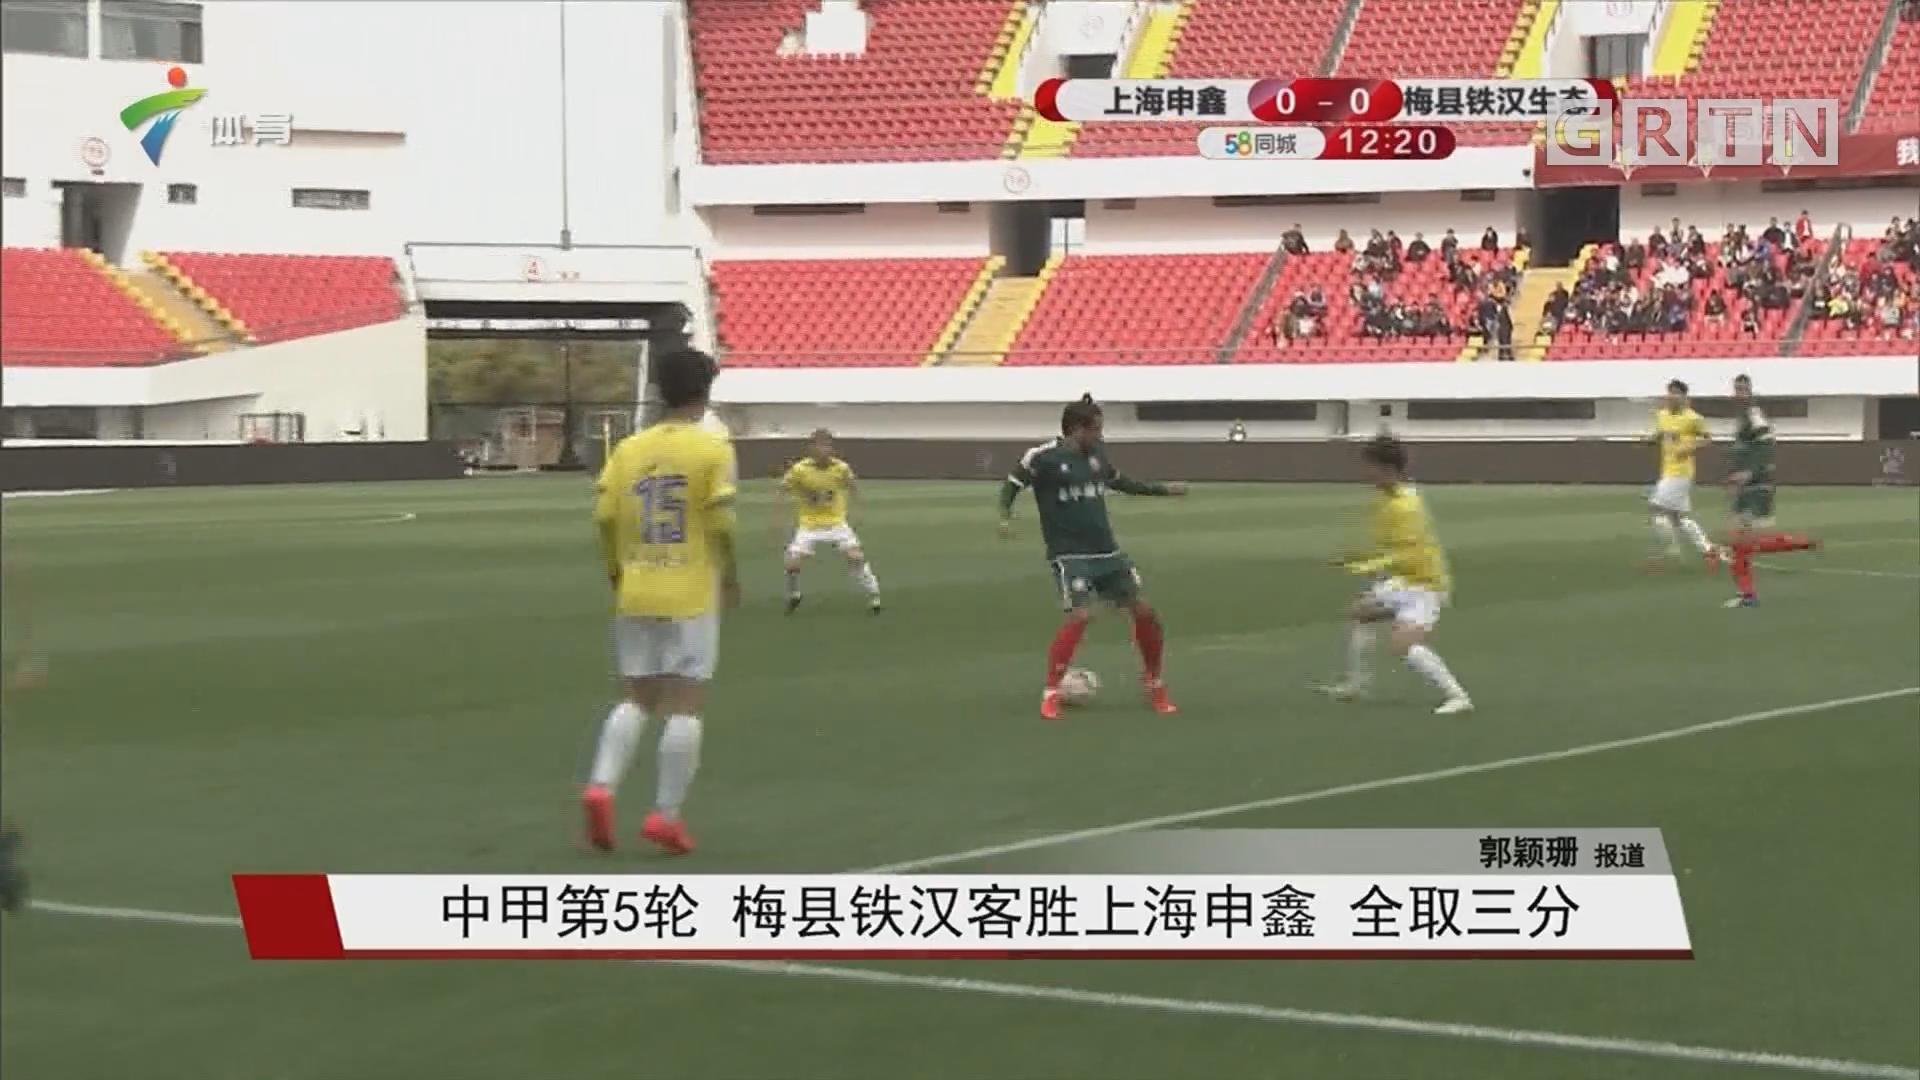 中甲第5轮 梅县铁汉客胜上海申鑫 全取三分